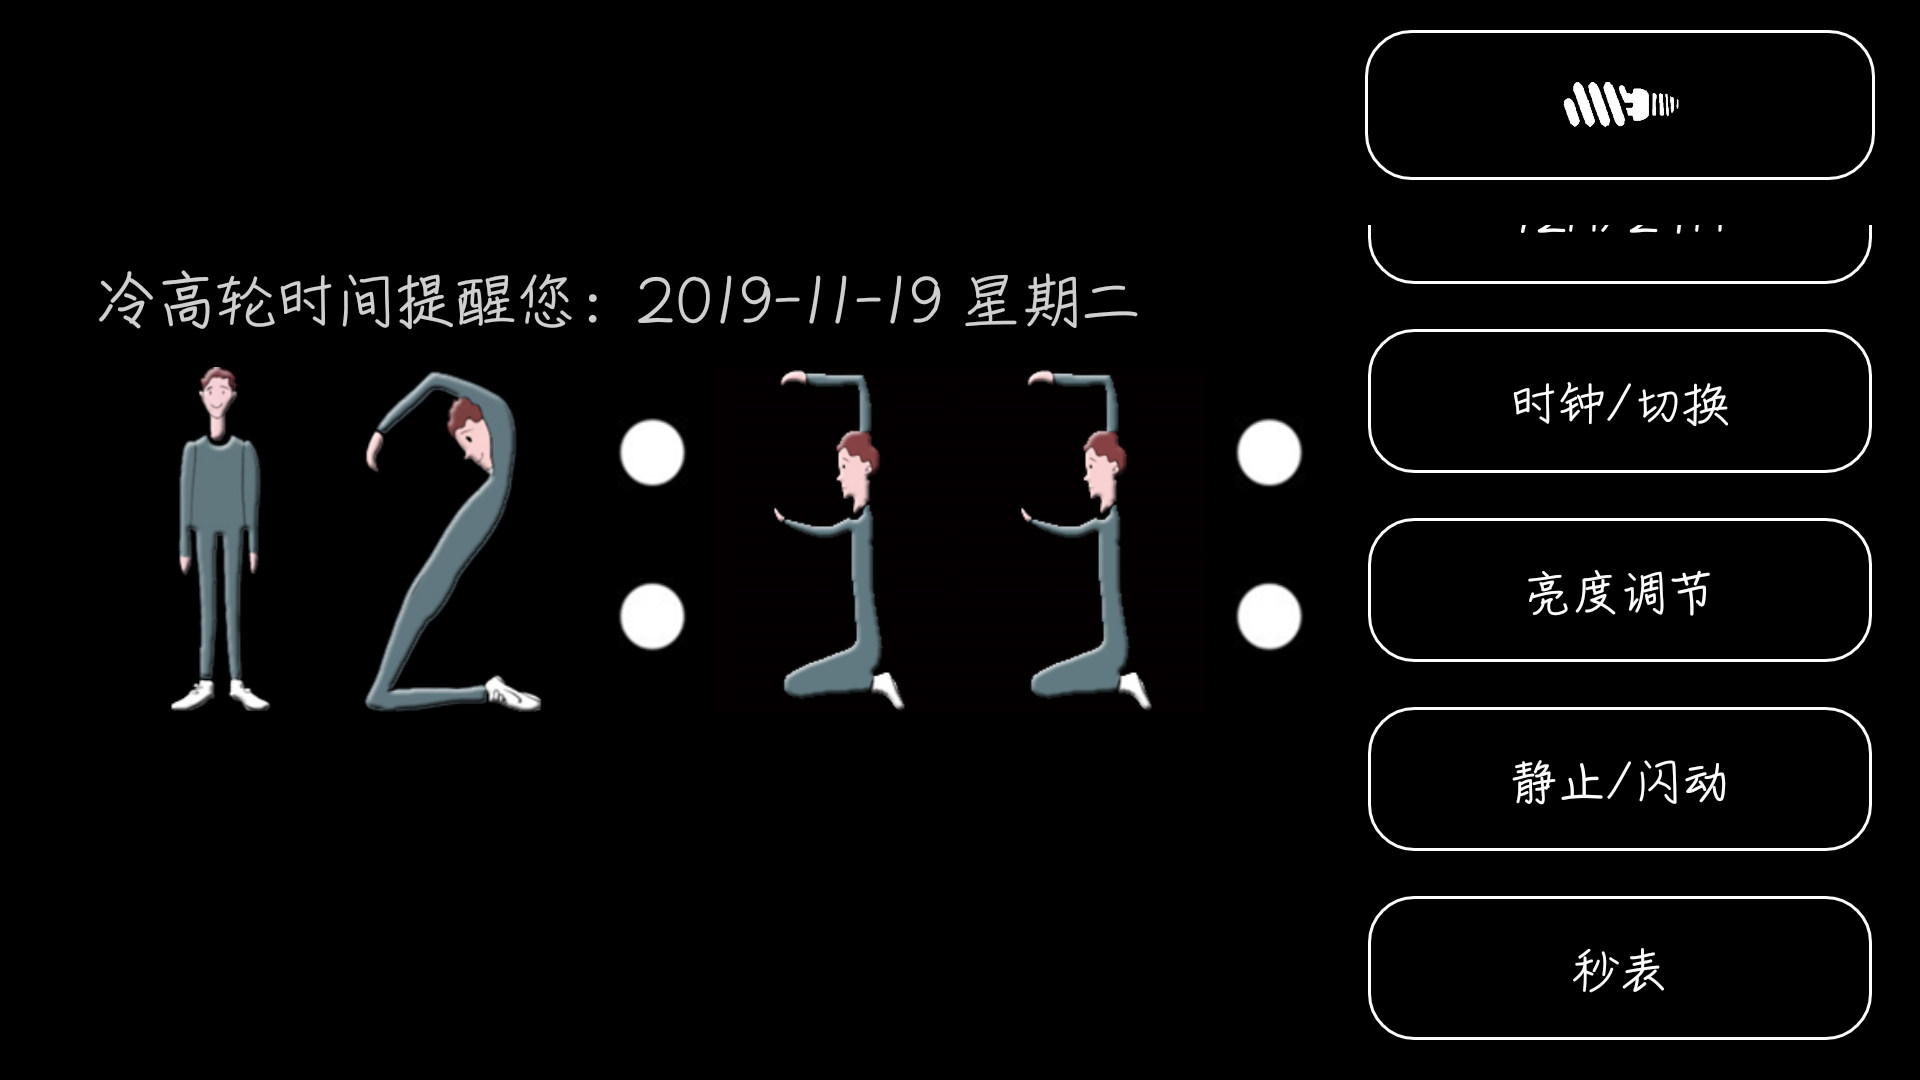 【分享】冷高轮时间 1.6